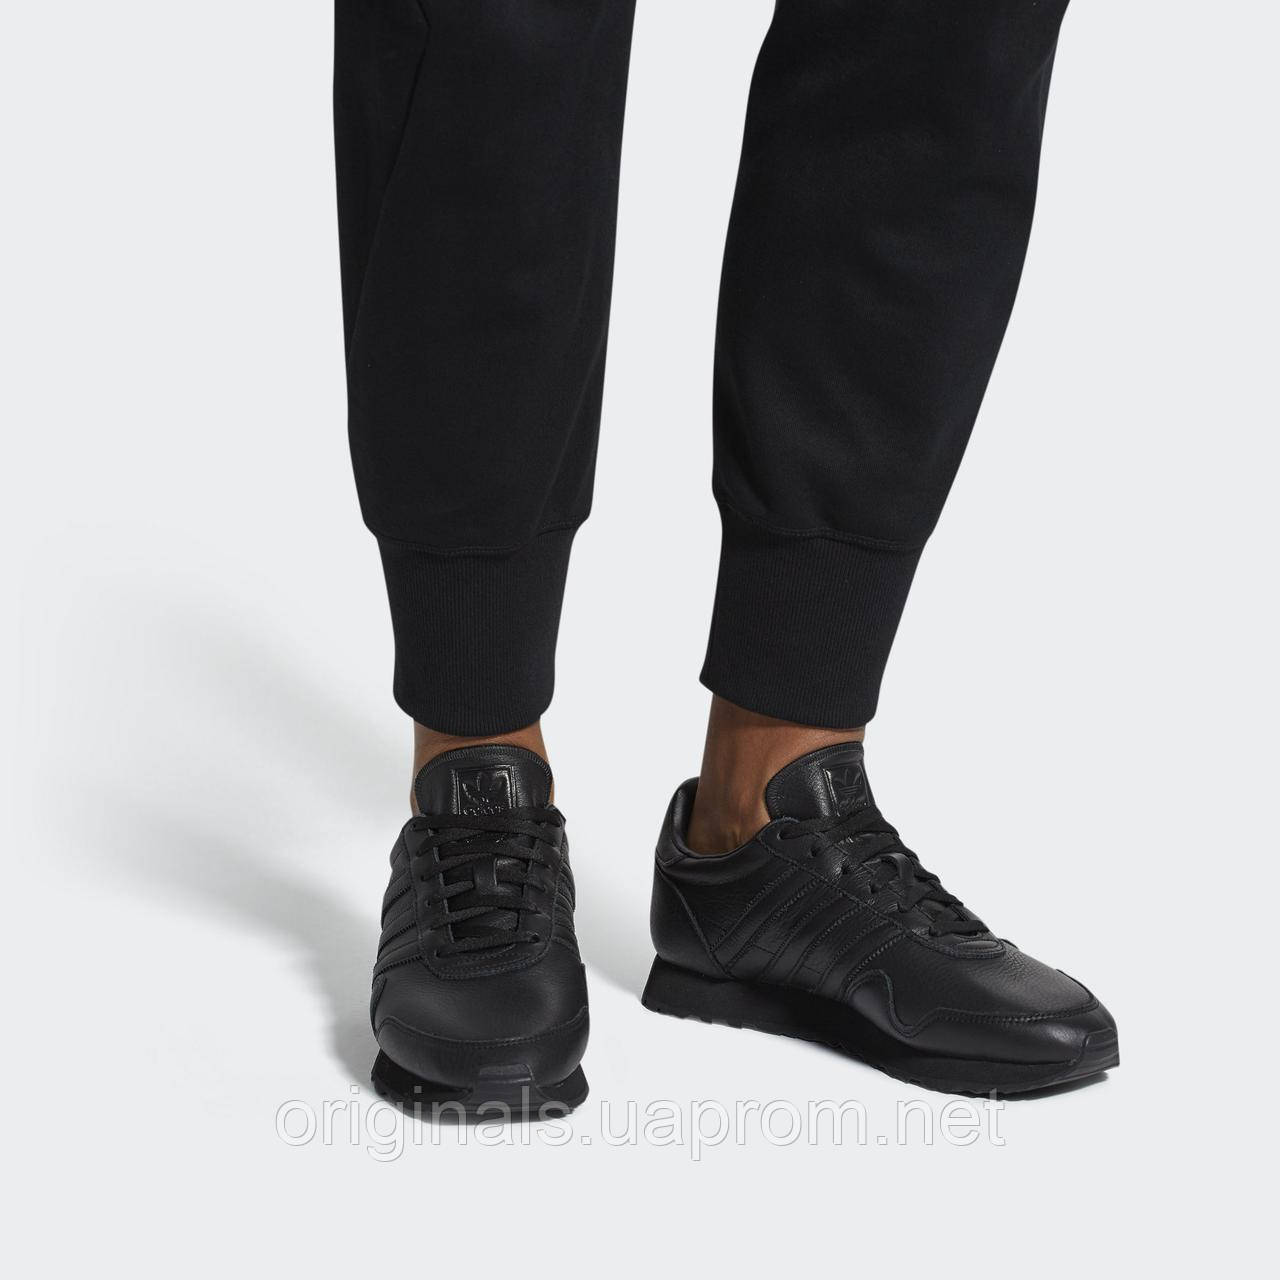 Кроссовки Adidas Originals Haven CQ3036 кожаные черные повседневные